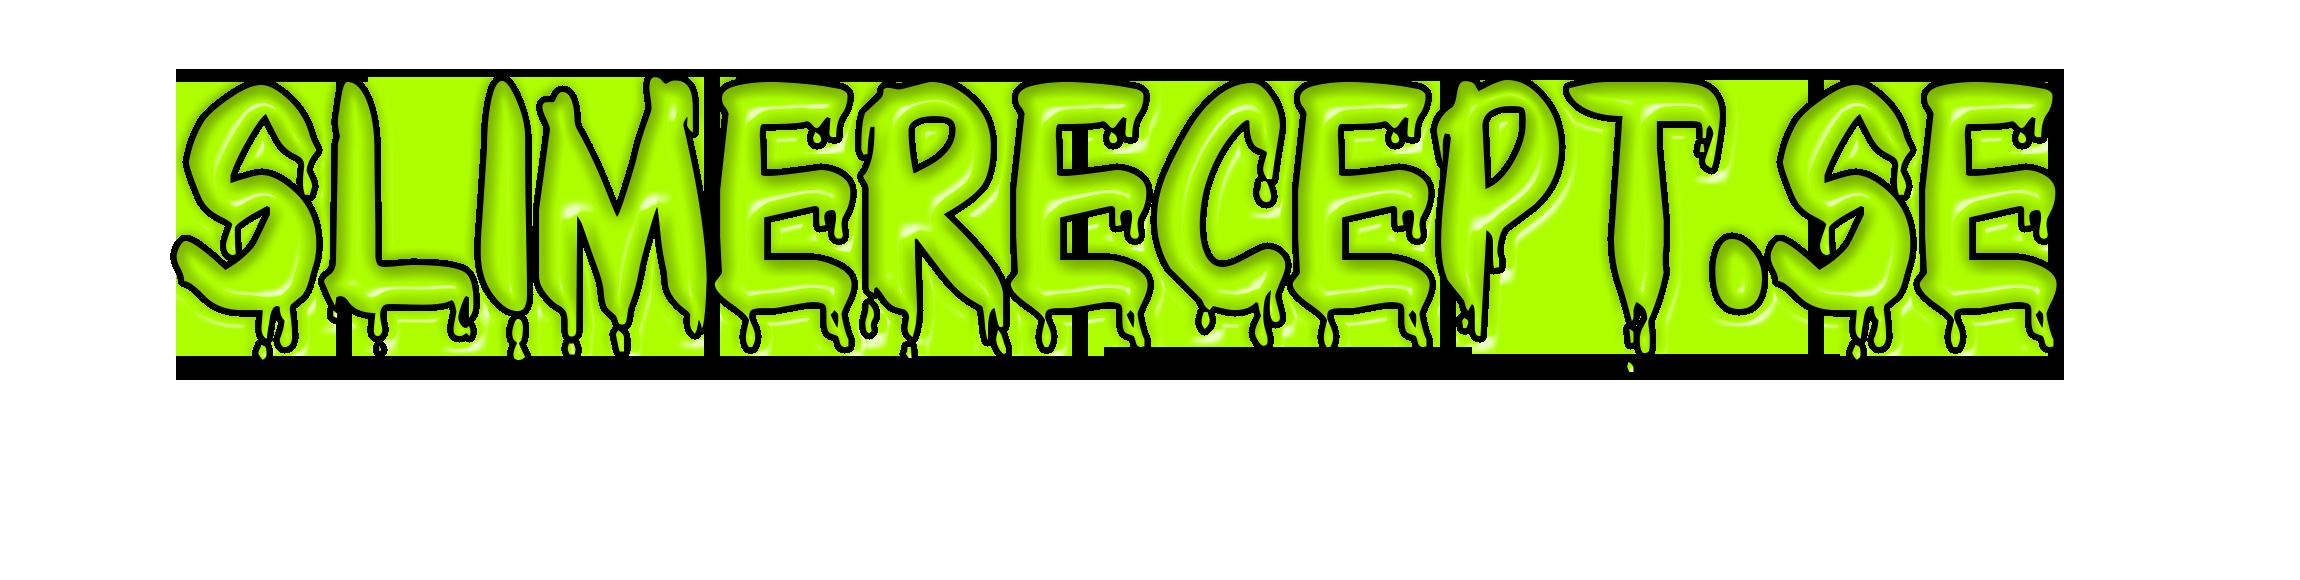 SlimeRecept.se